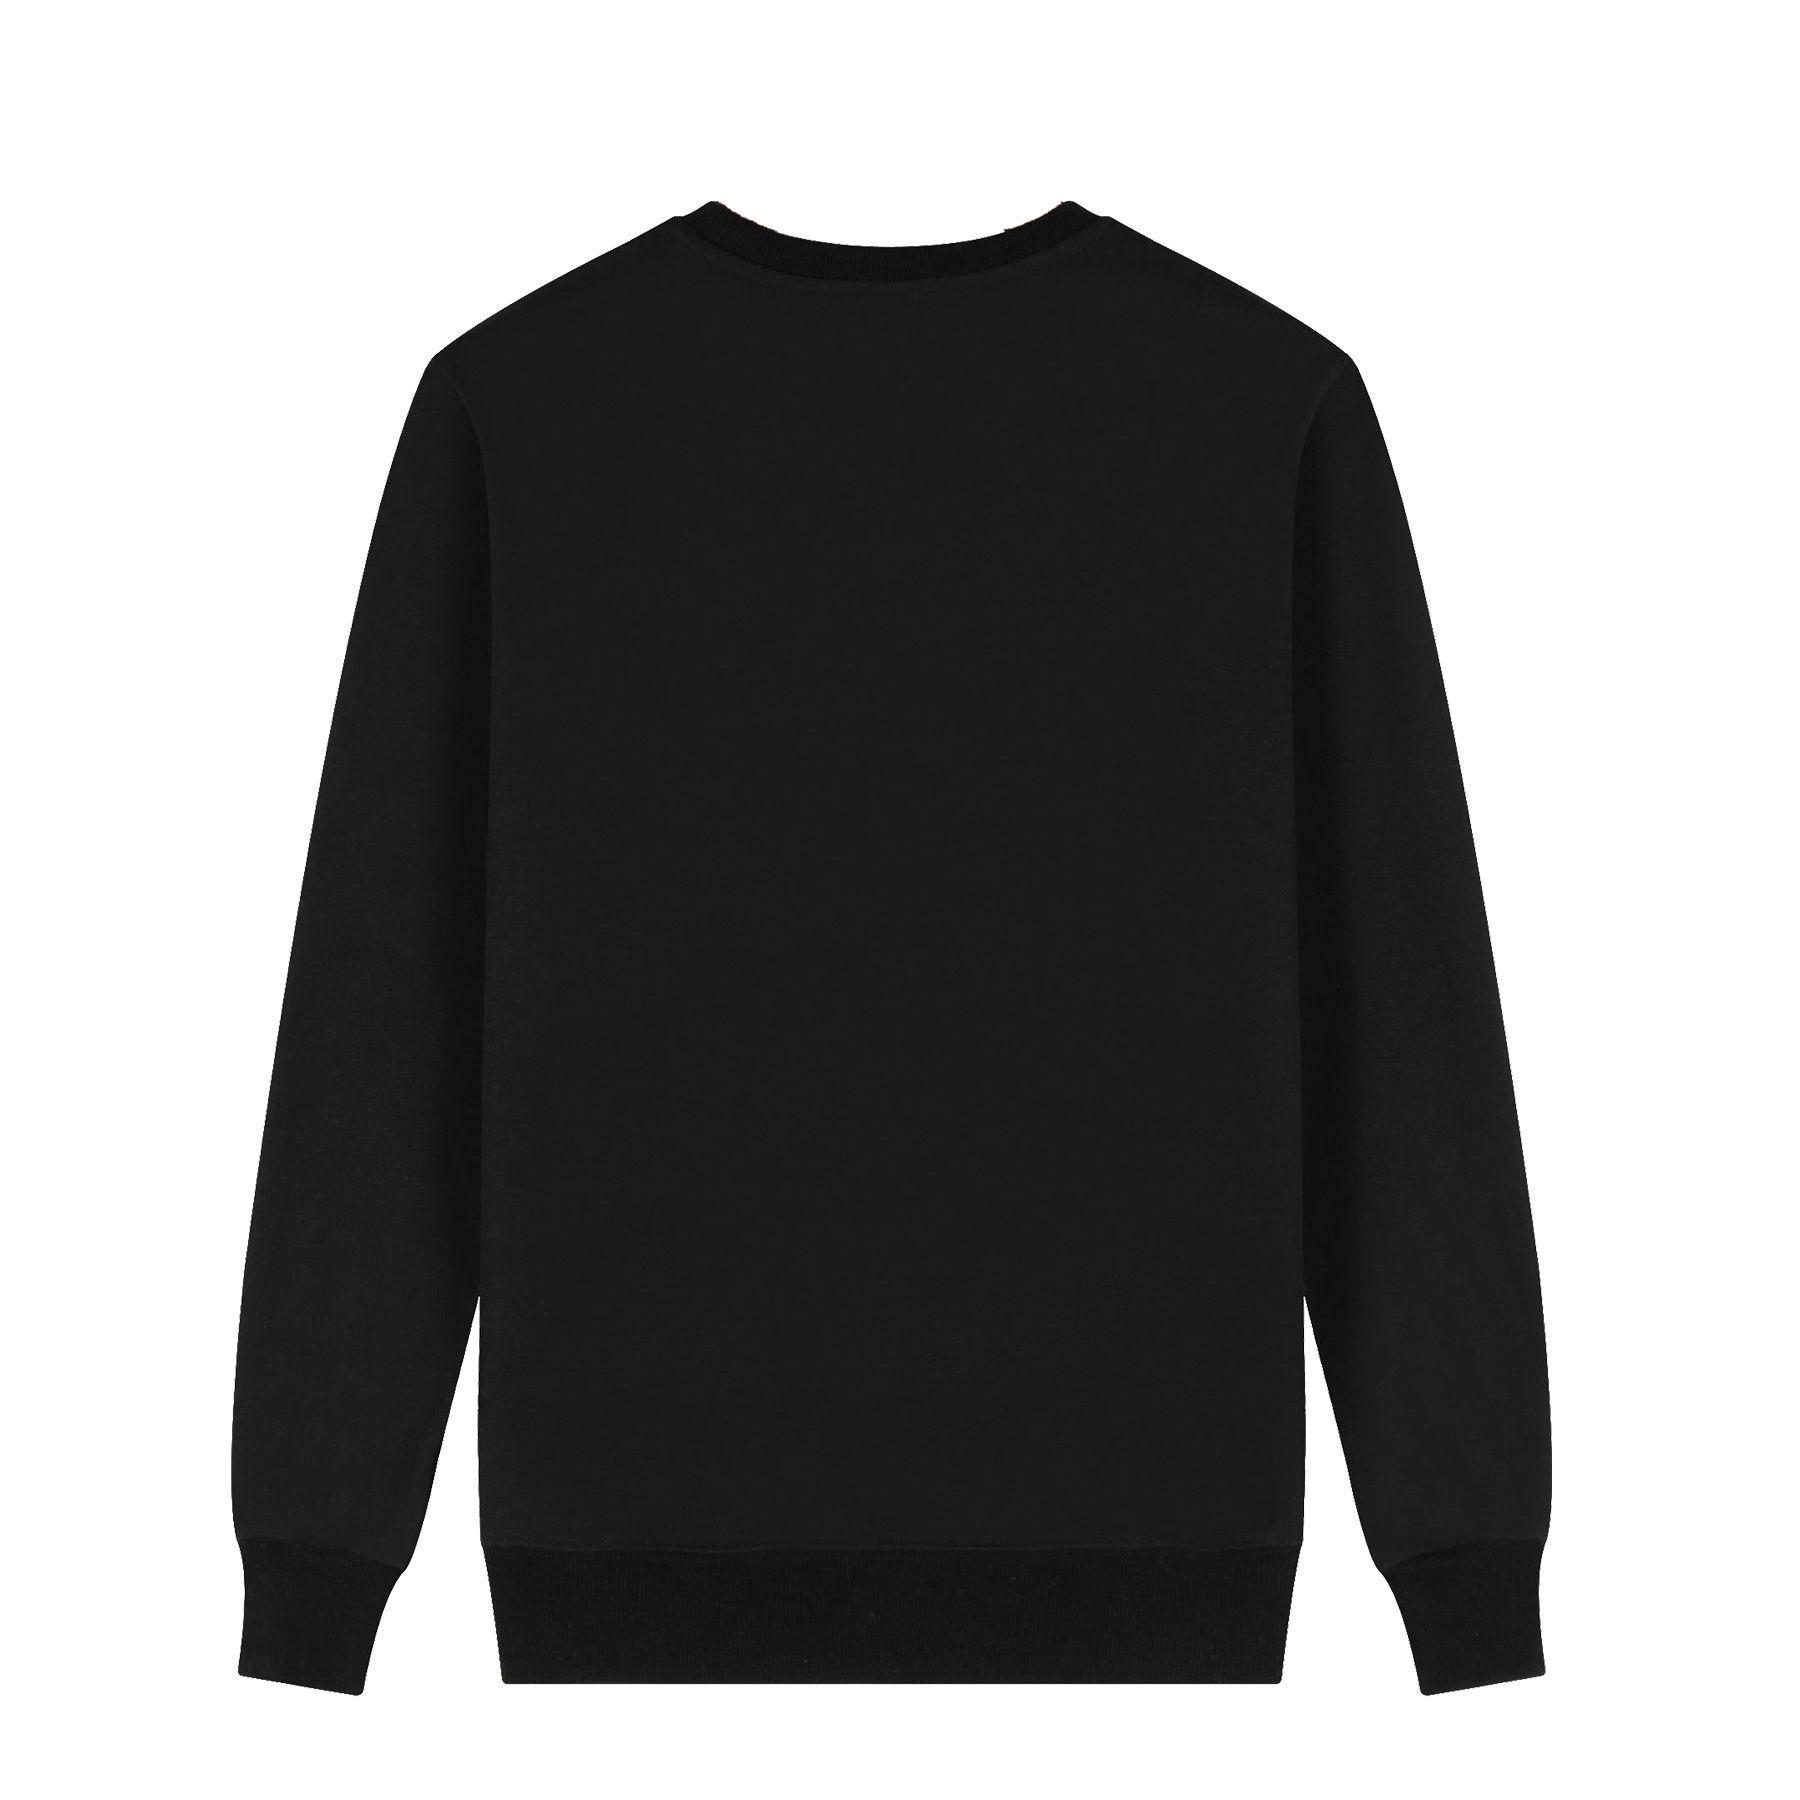 Horloge imprimée nouvelle hommes sweats sweatshirts mode printemps printemps hiver hodies hoodies décontractées coton sweat à capuche blanche noire femme douce femme manteaux